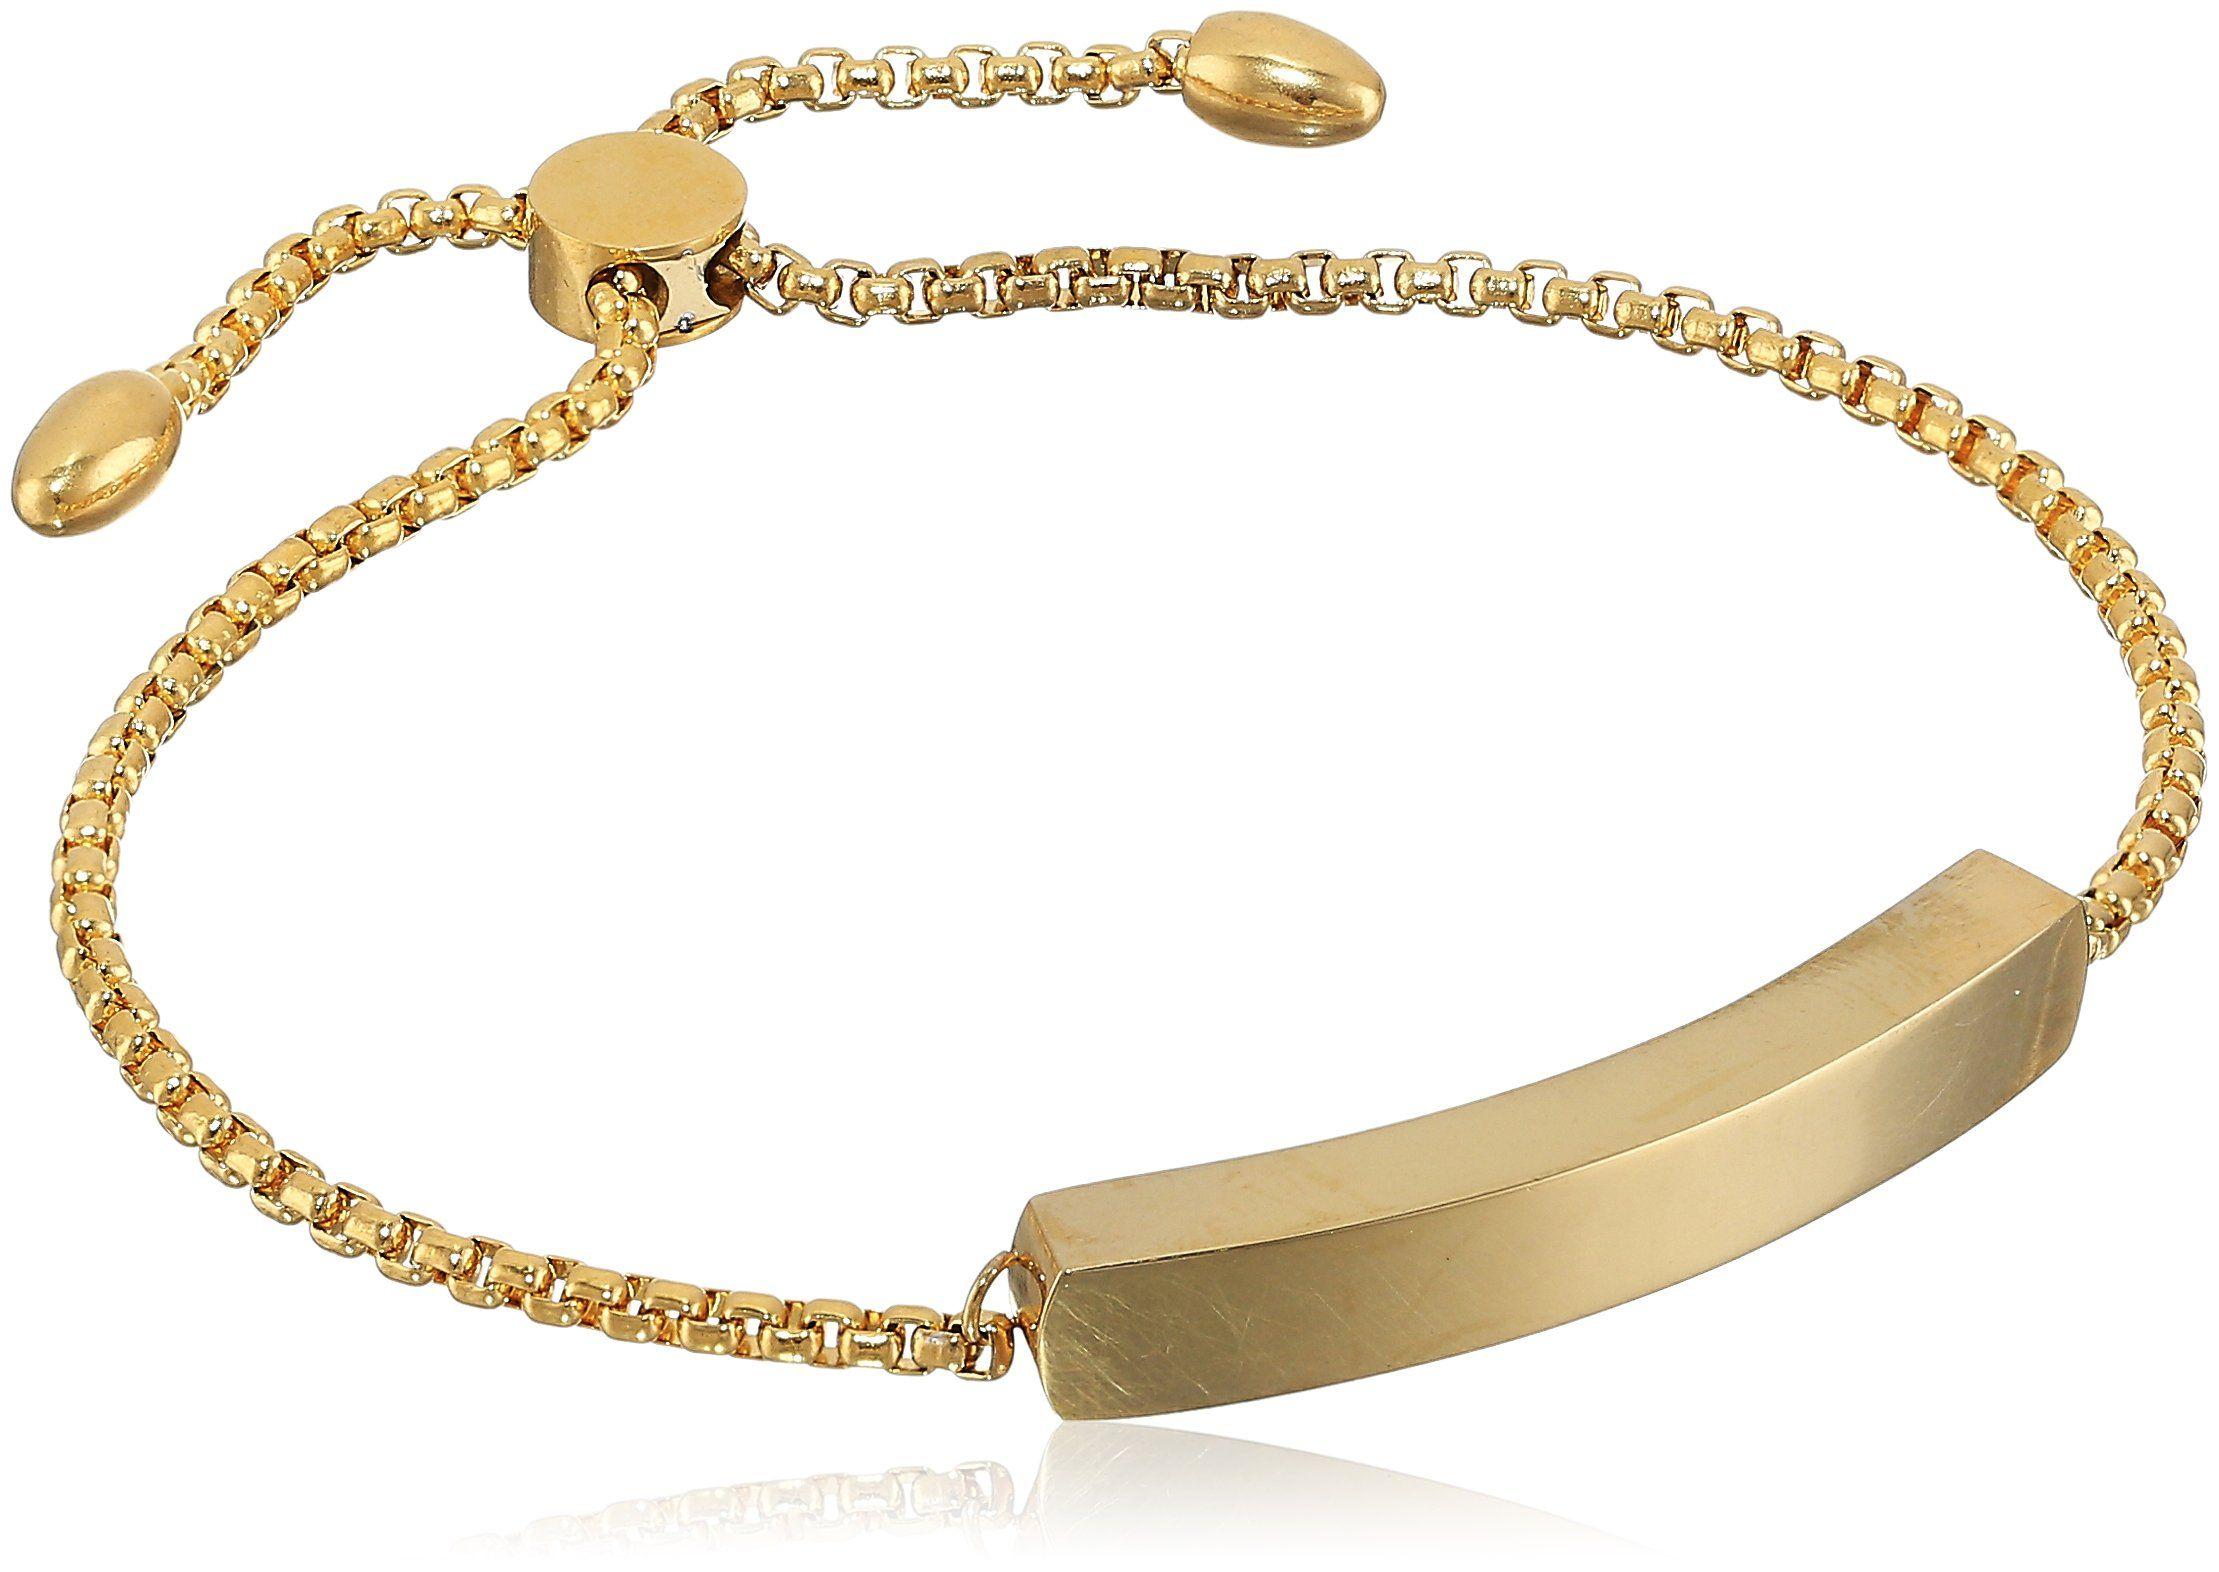 K gold plated stainless steel adjustable bar bracelet